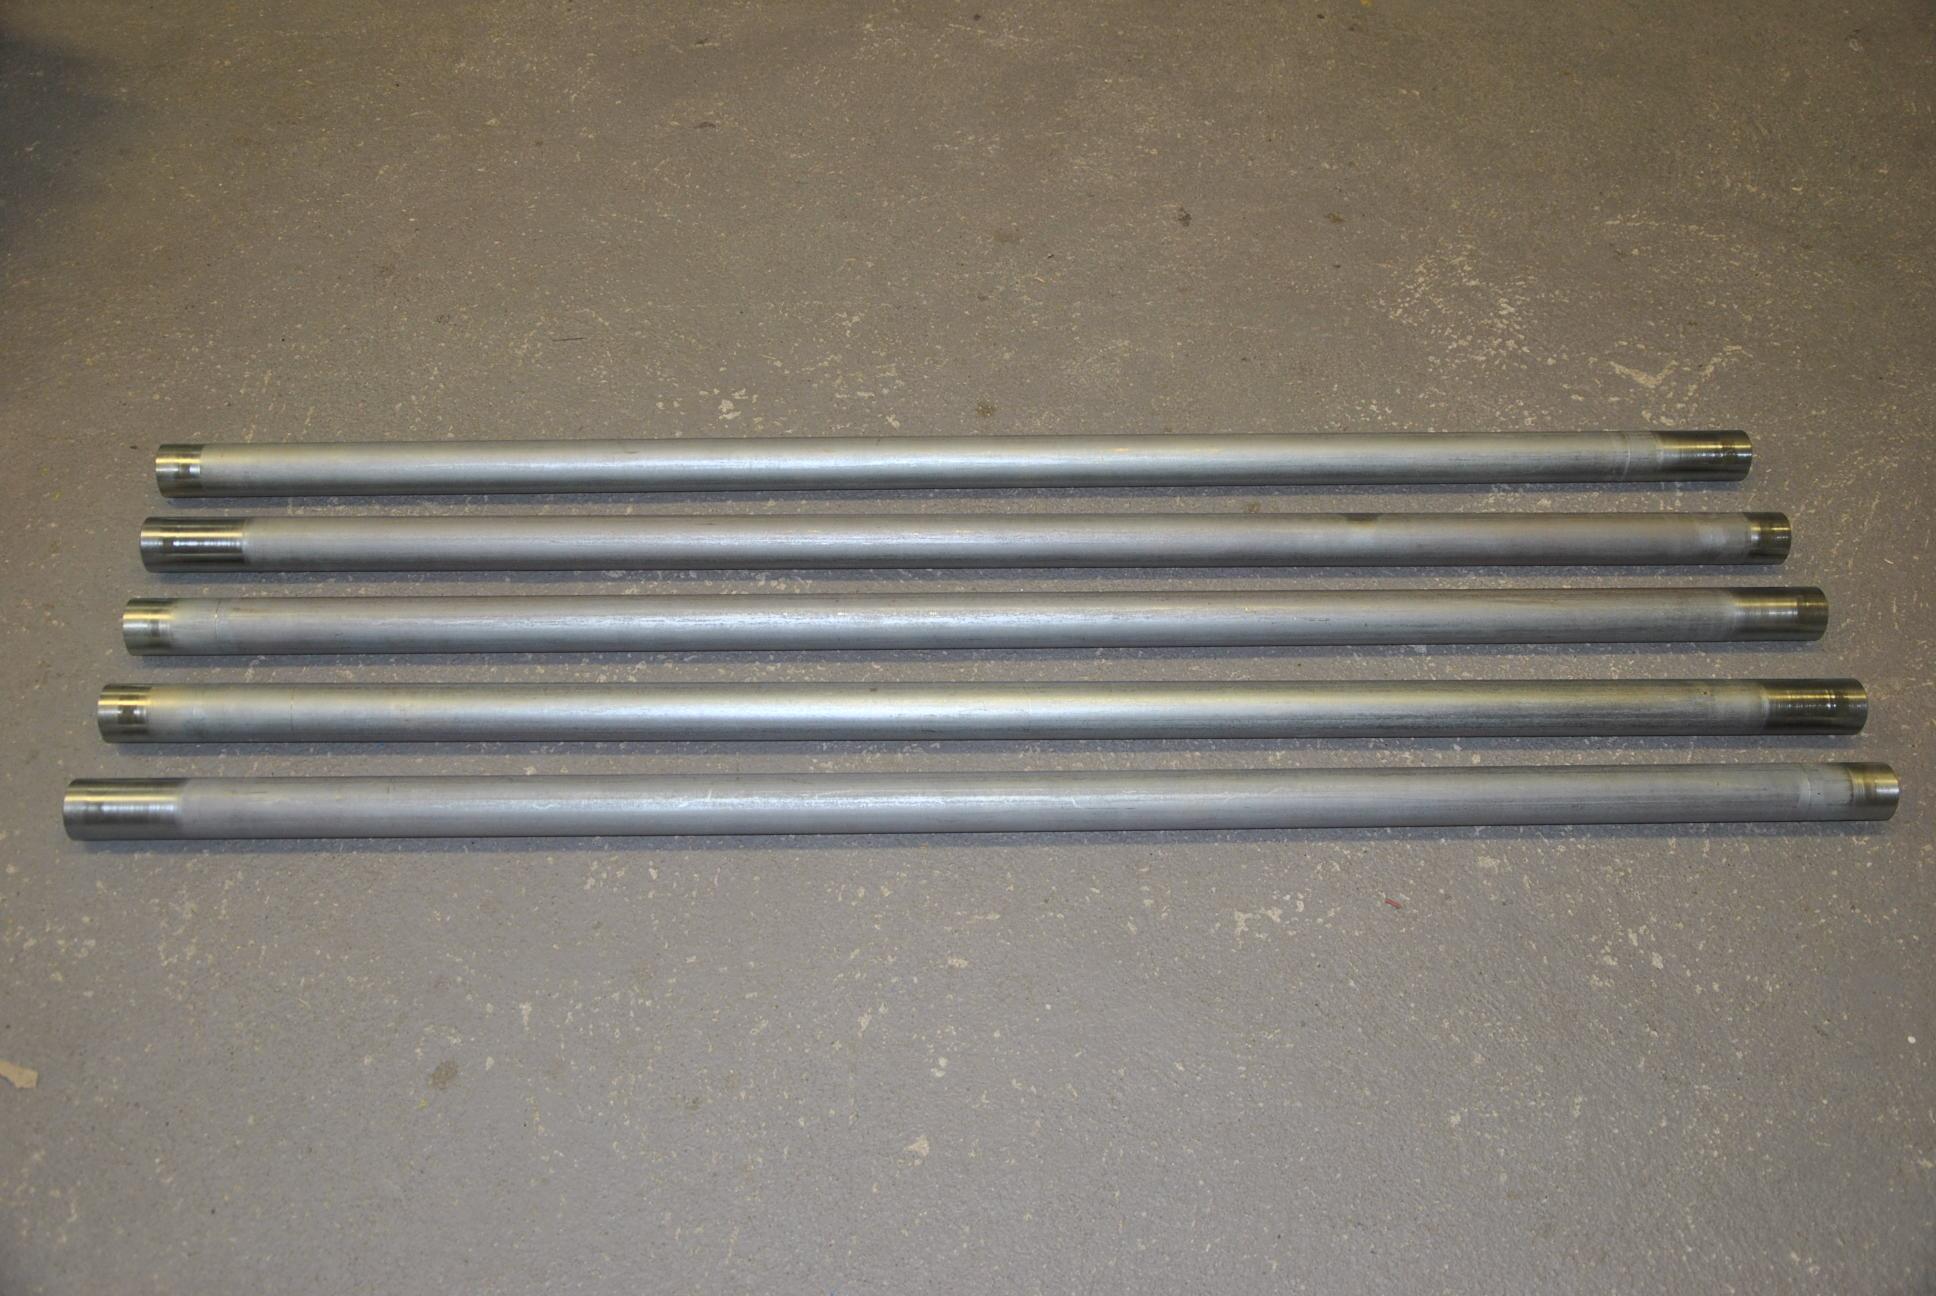 Корпус иглы для канала высотой 750 мм, 5 шт./комп.